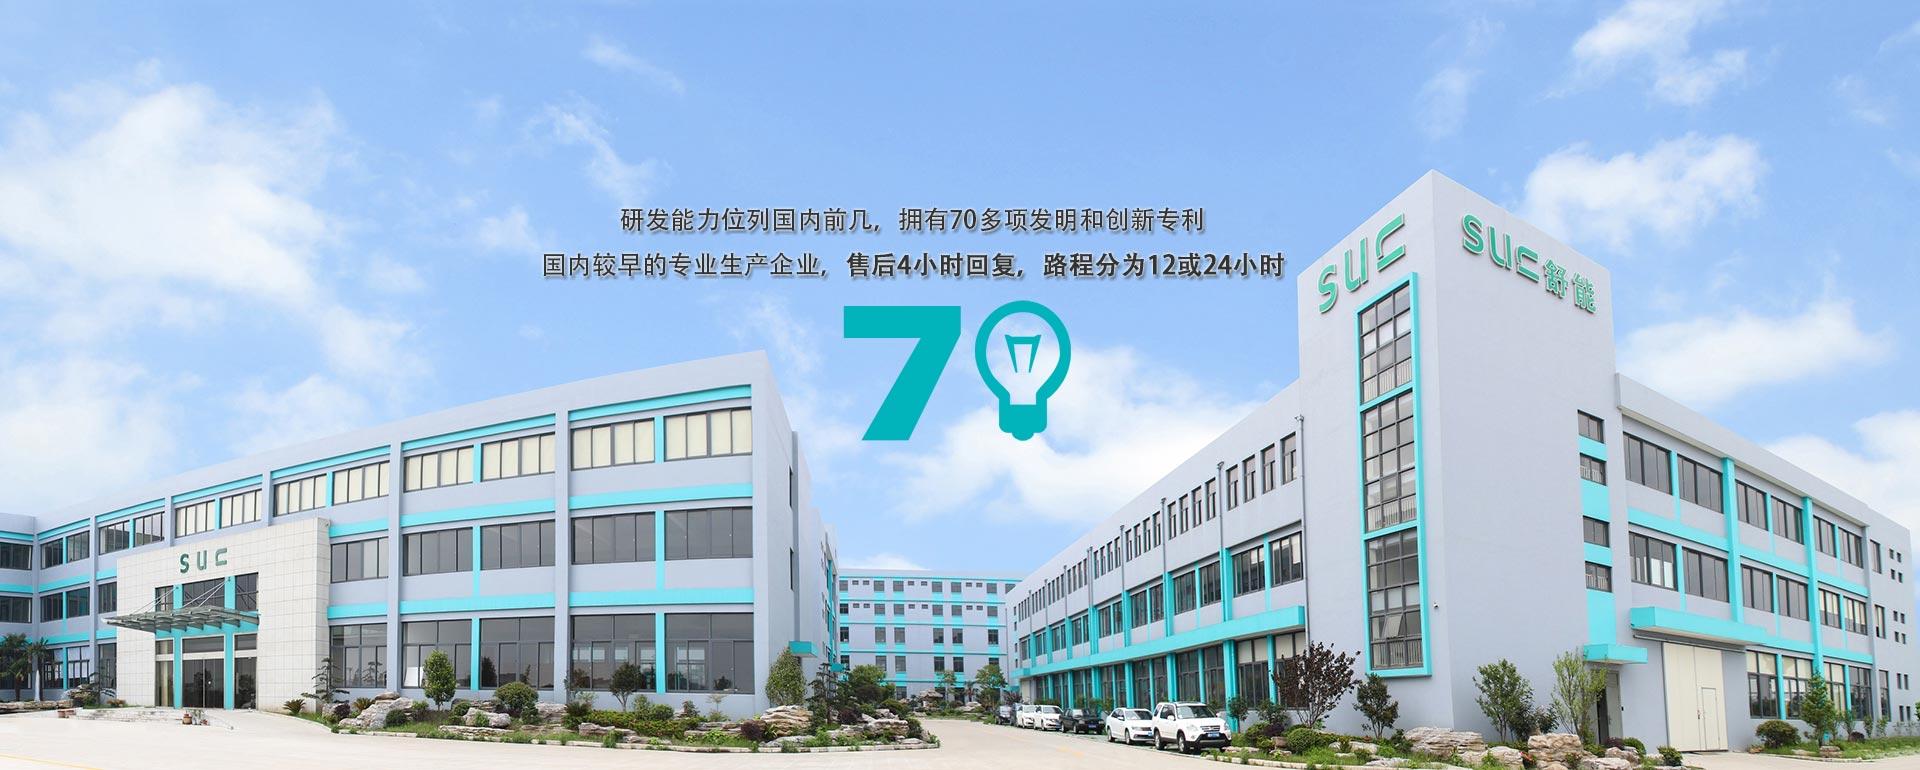 宁波舒能光电科技发展有限公司